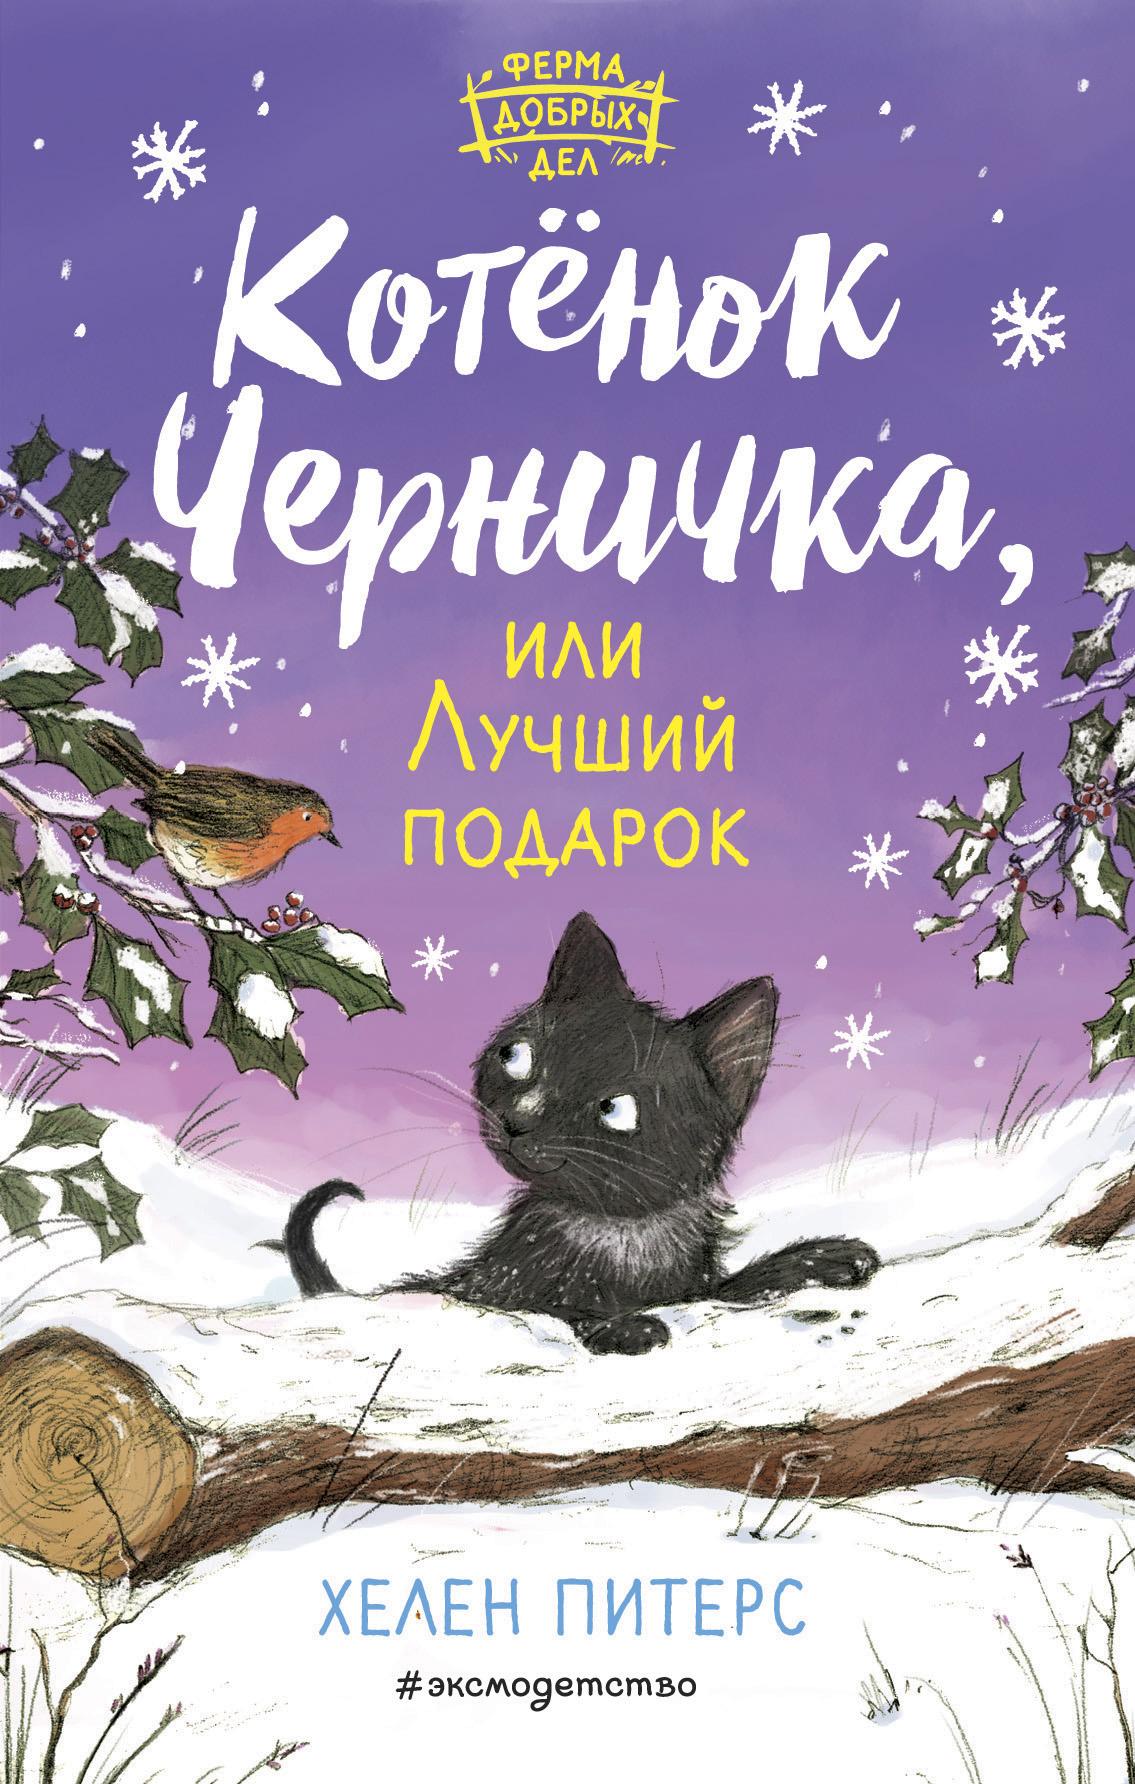 Купить книгу Котёнок Черничка, или Лучший подарок, автора Хелен Питерс